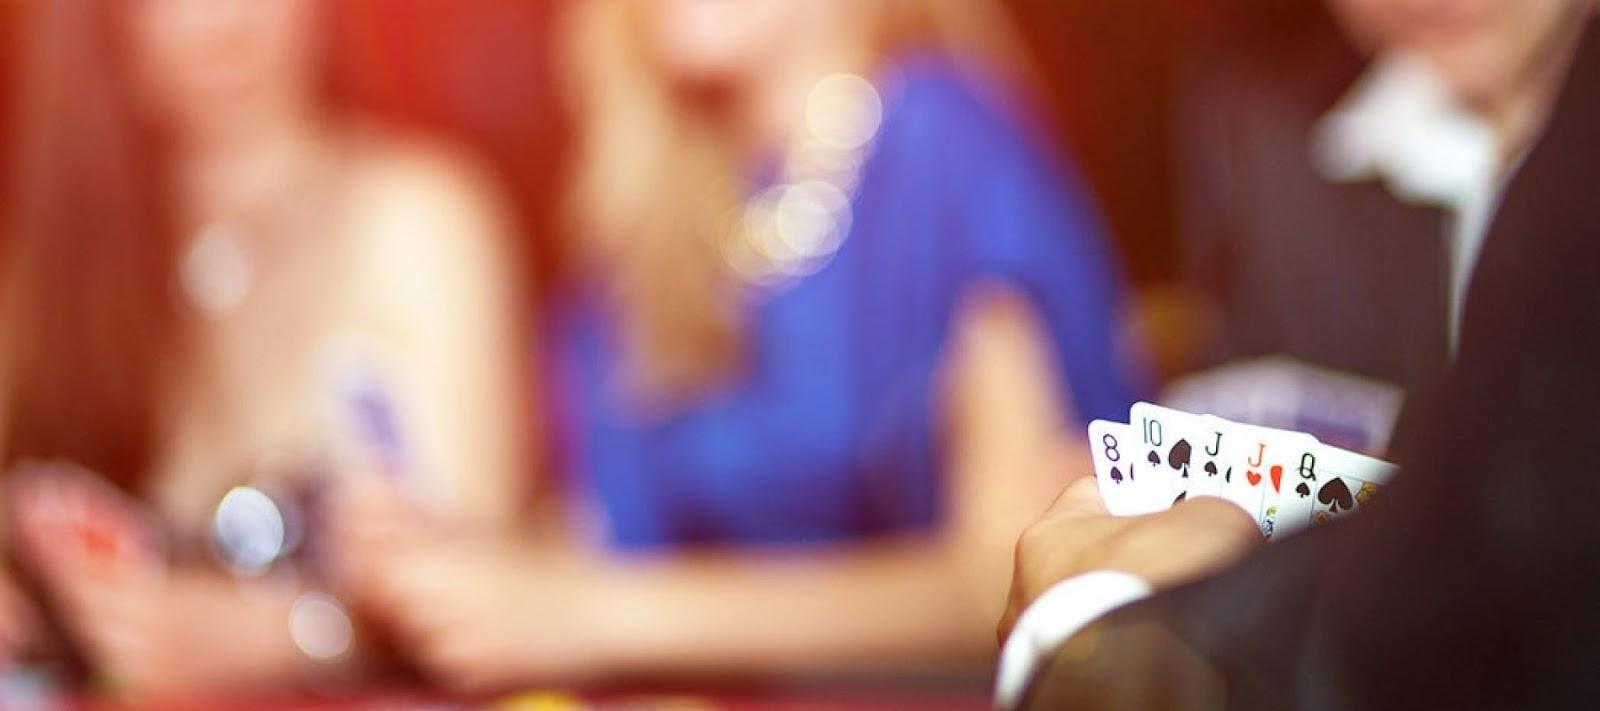 Cara Ikut Serta dalam Pesta Poker Kelas Dunia